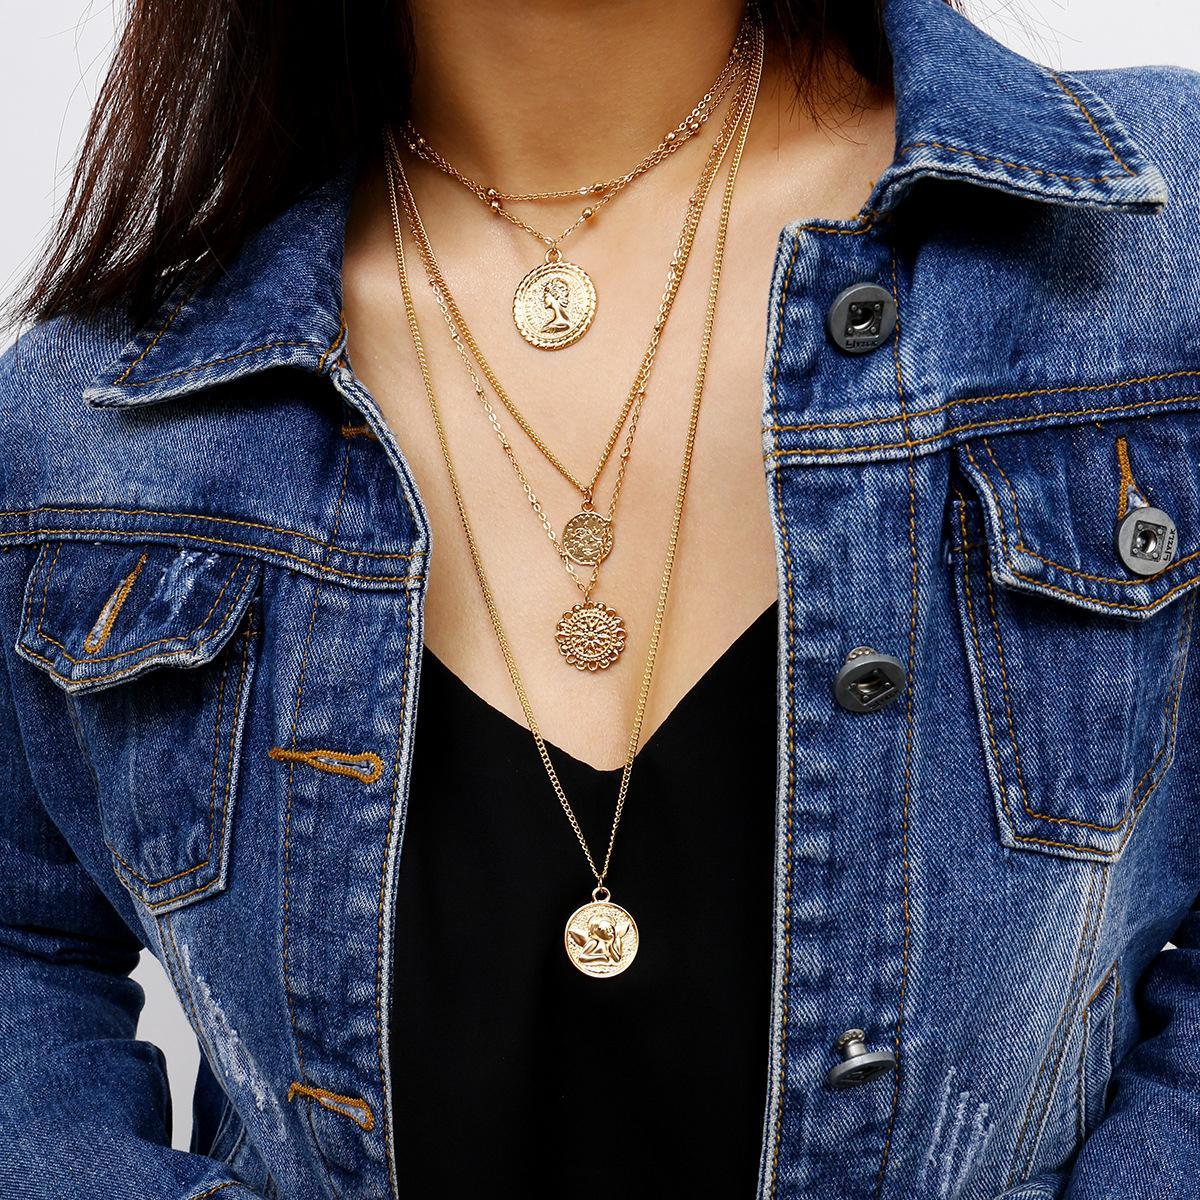 Королева Ангела Ожерелье Серебряная Золотая Монета Многослойные Ожерелья Подвески Ювелирные Изделия Will and Sandy Drop Ship